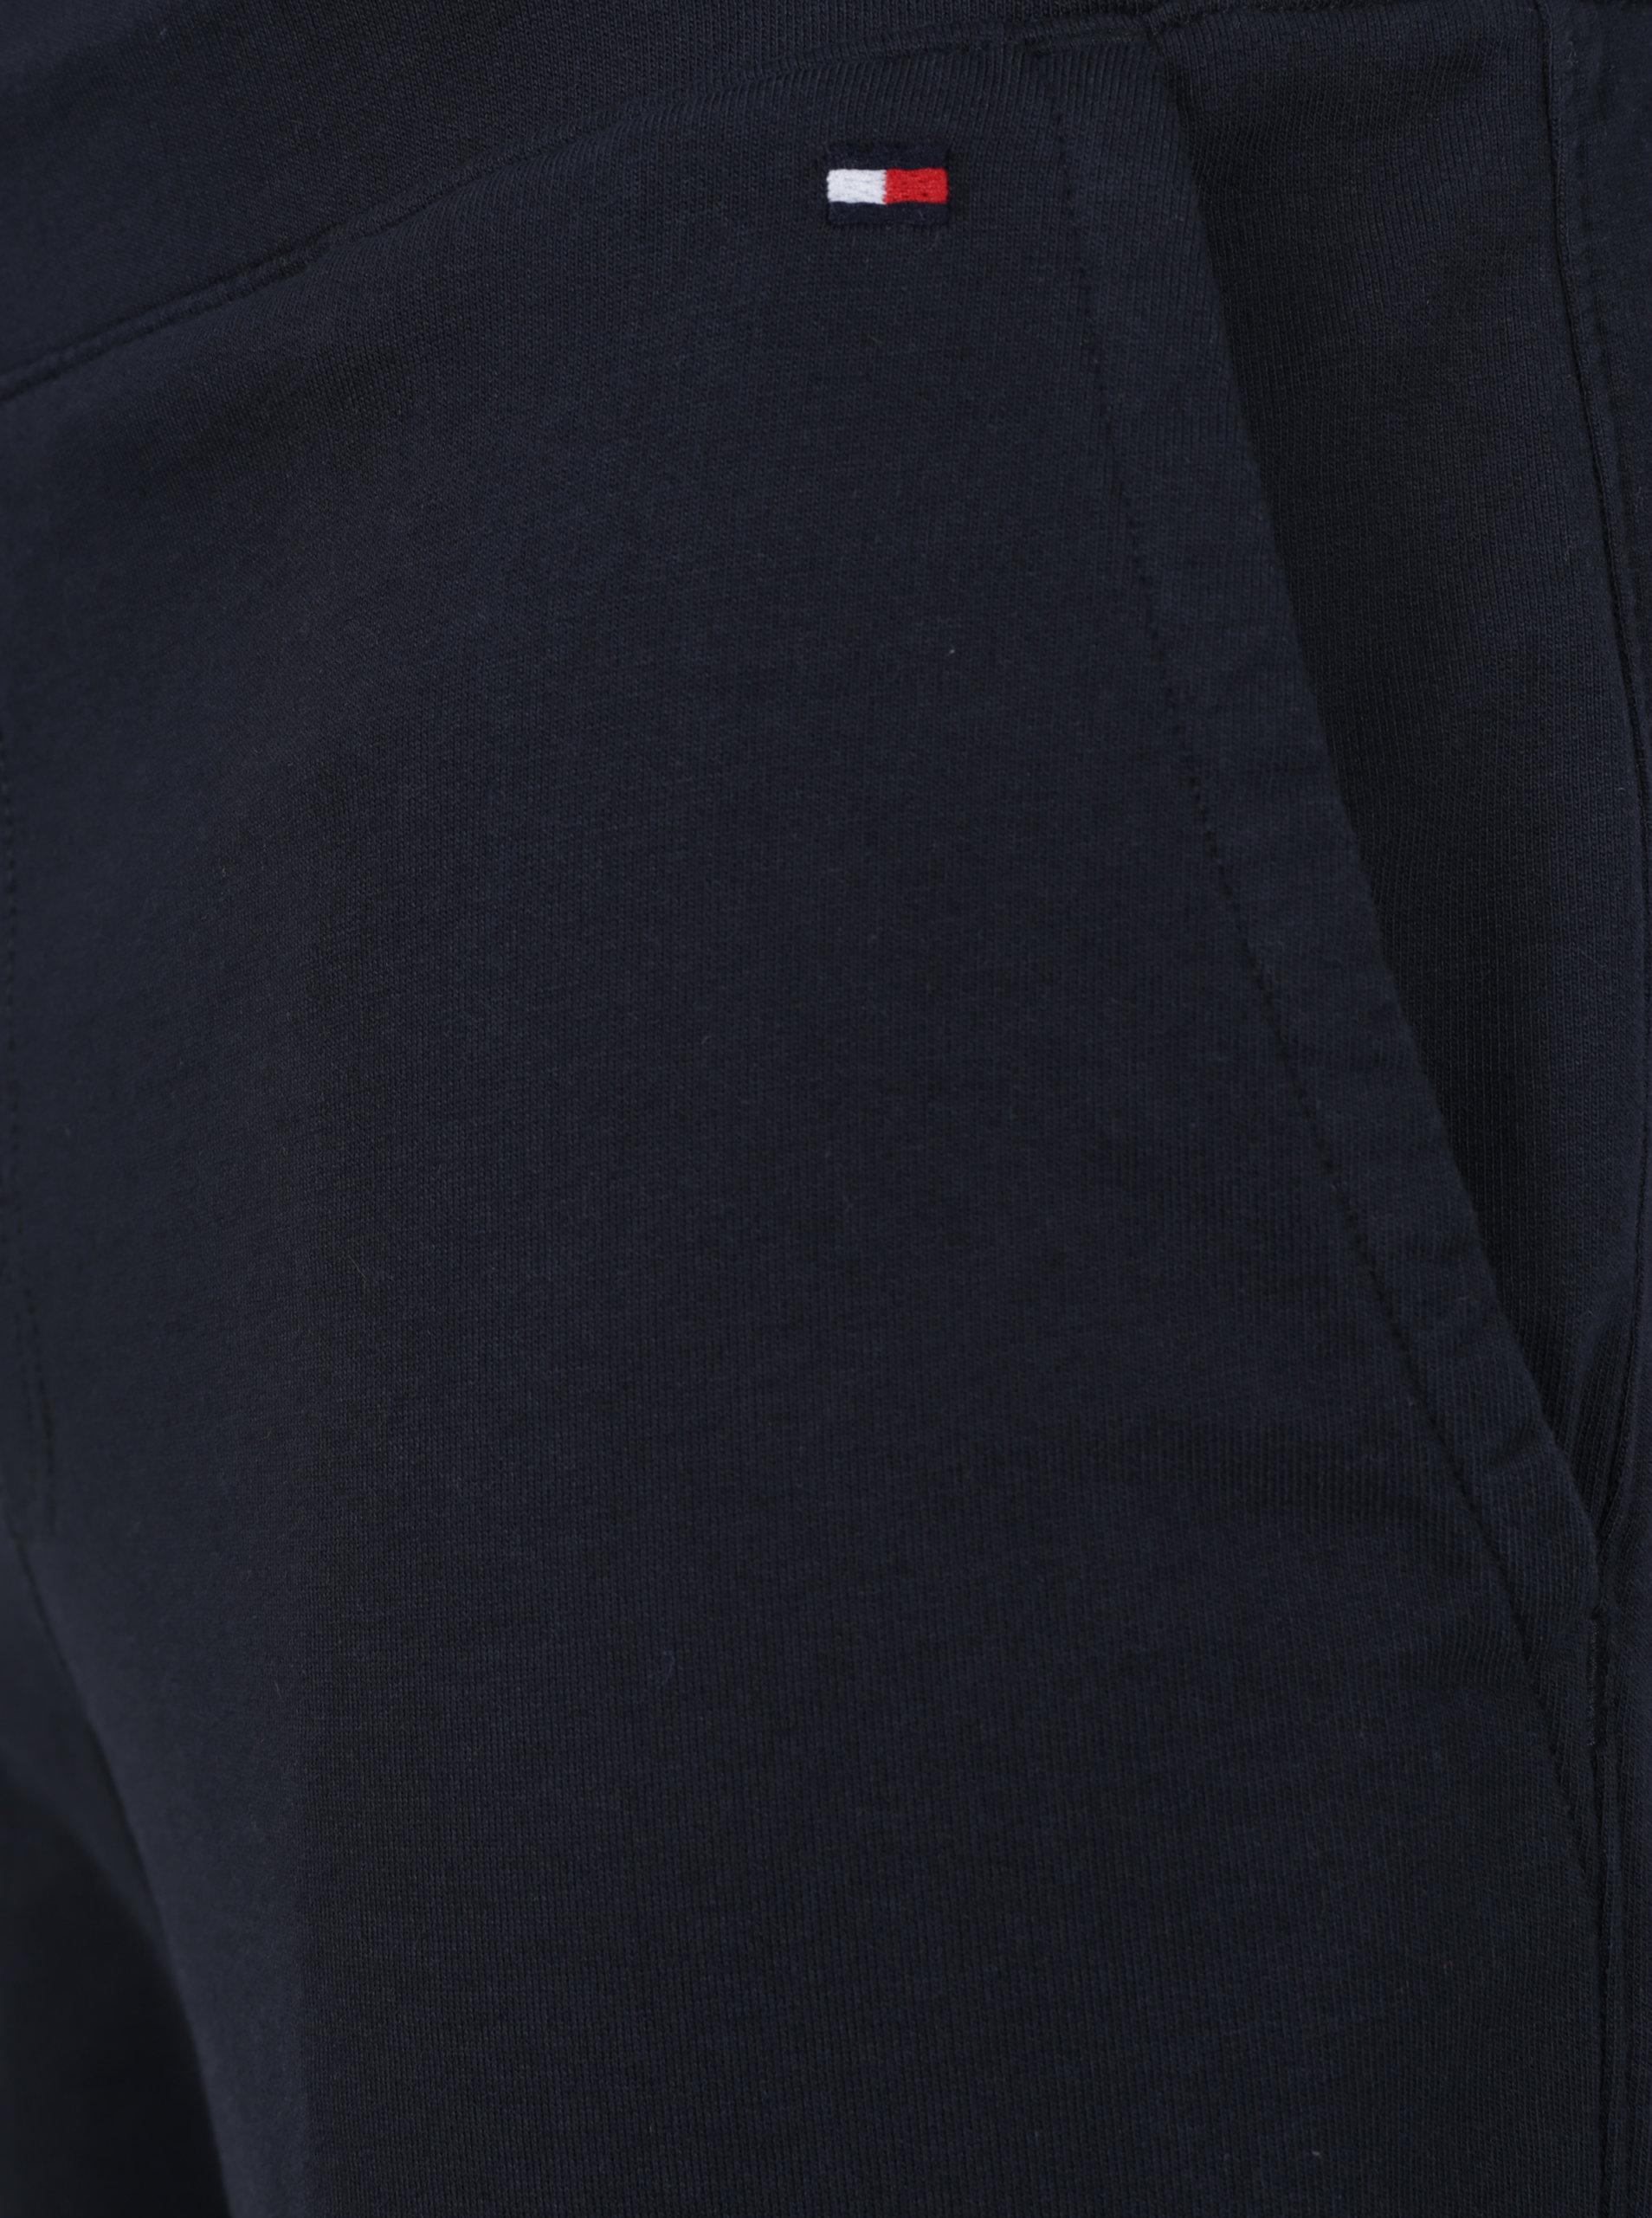 c1ffc802f7 Tmavě modré pánské kraťasy Tommy Hilfiger ...